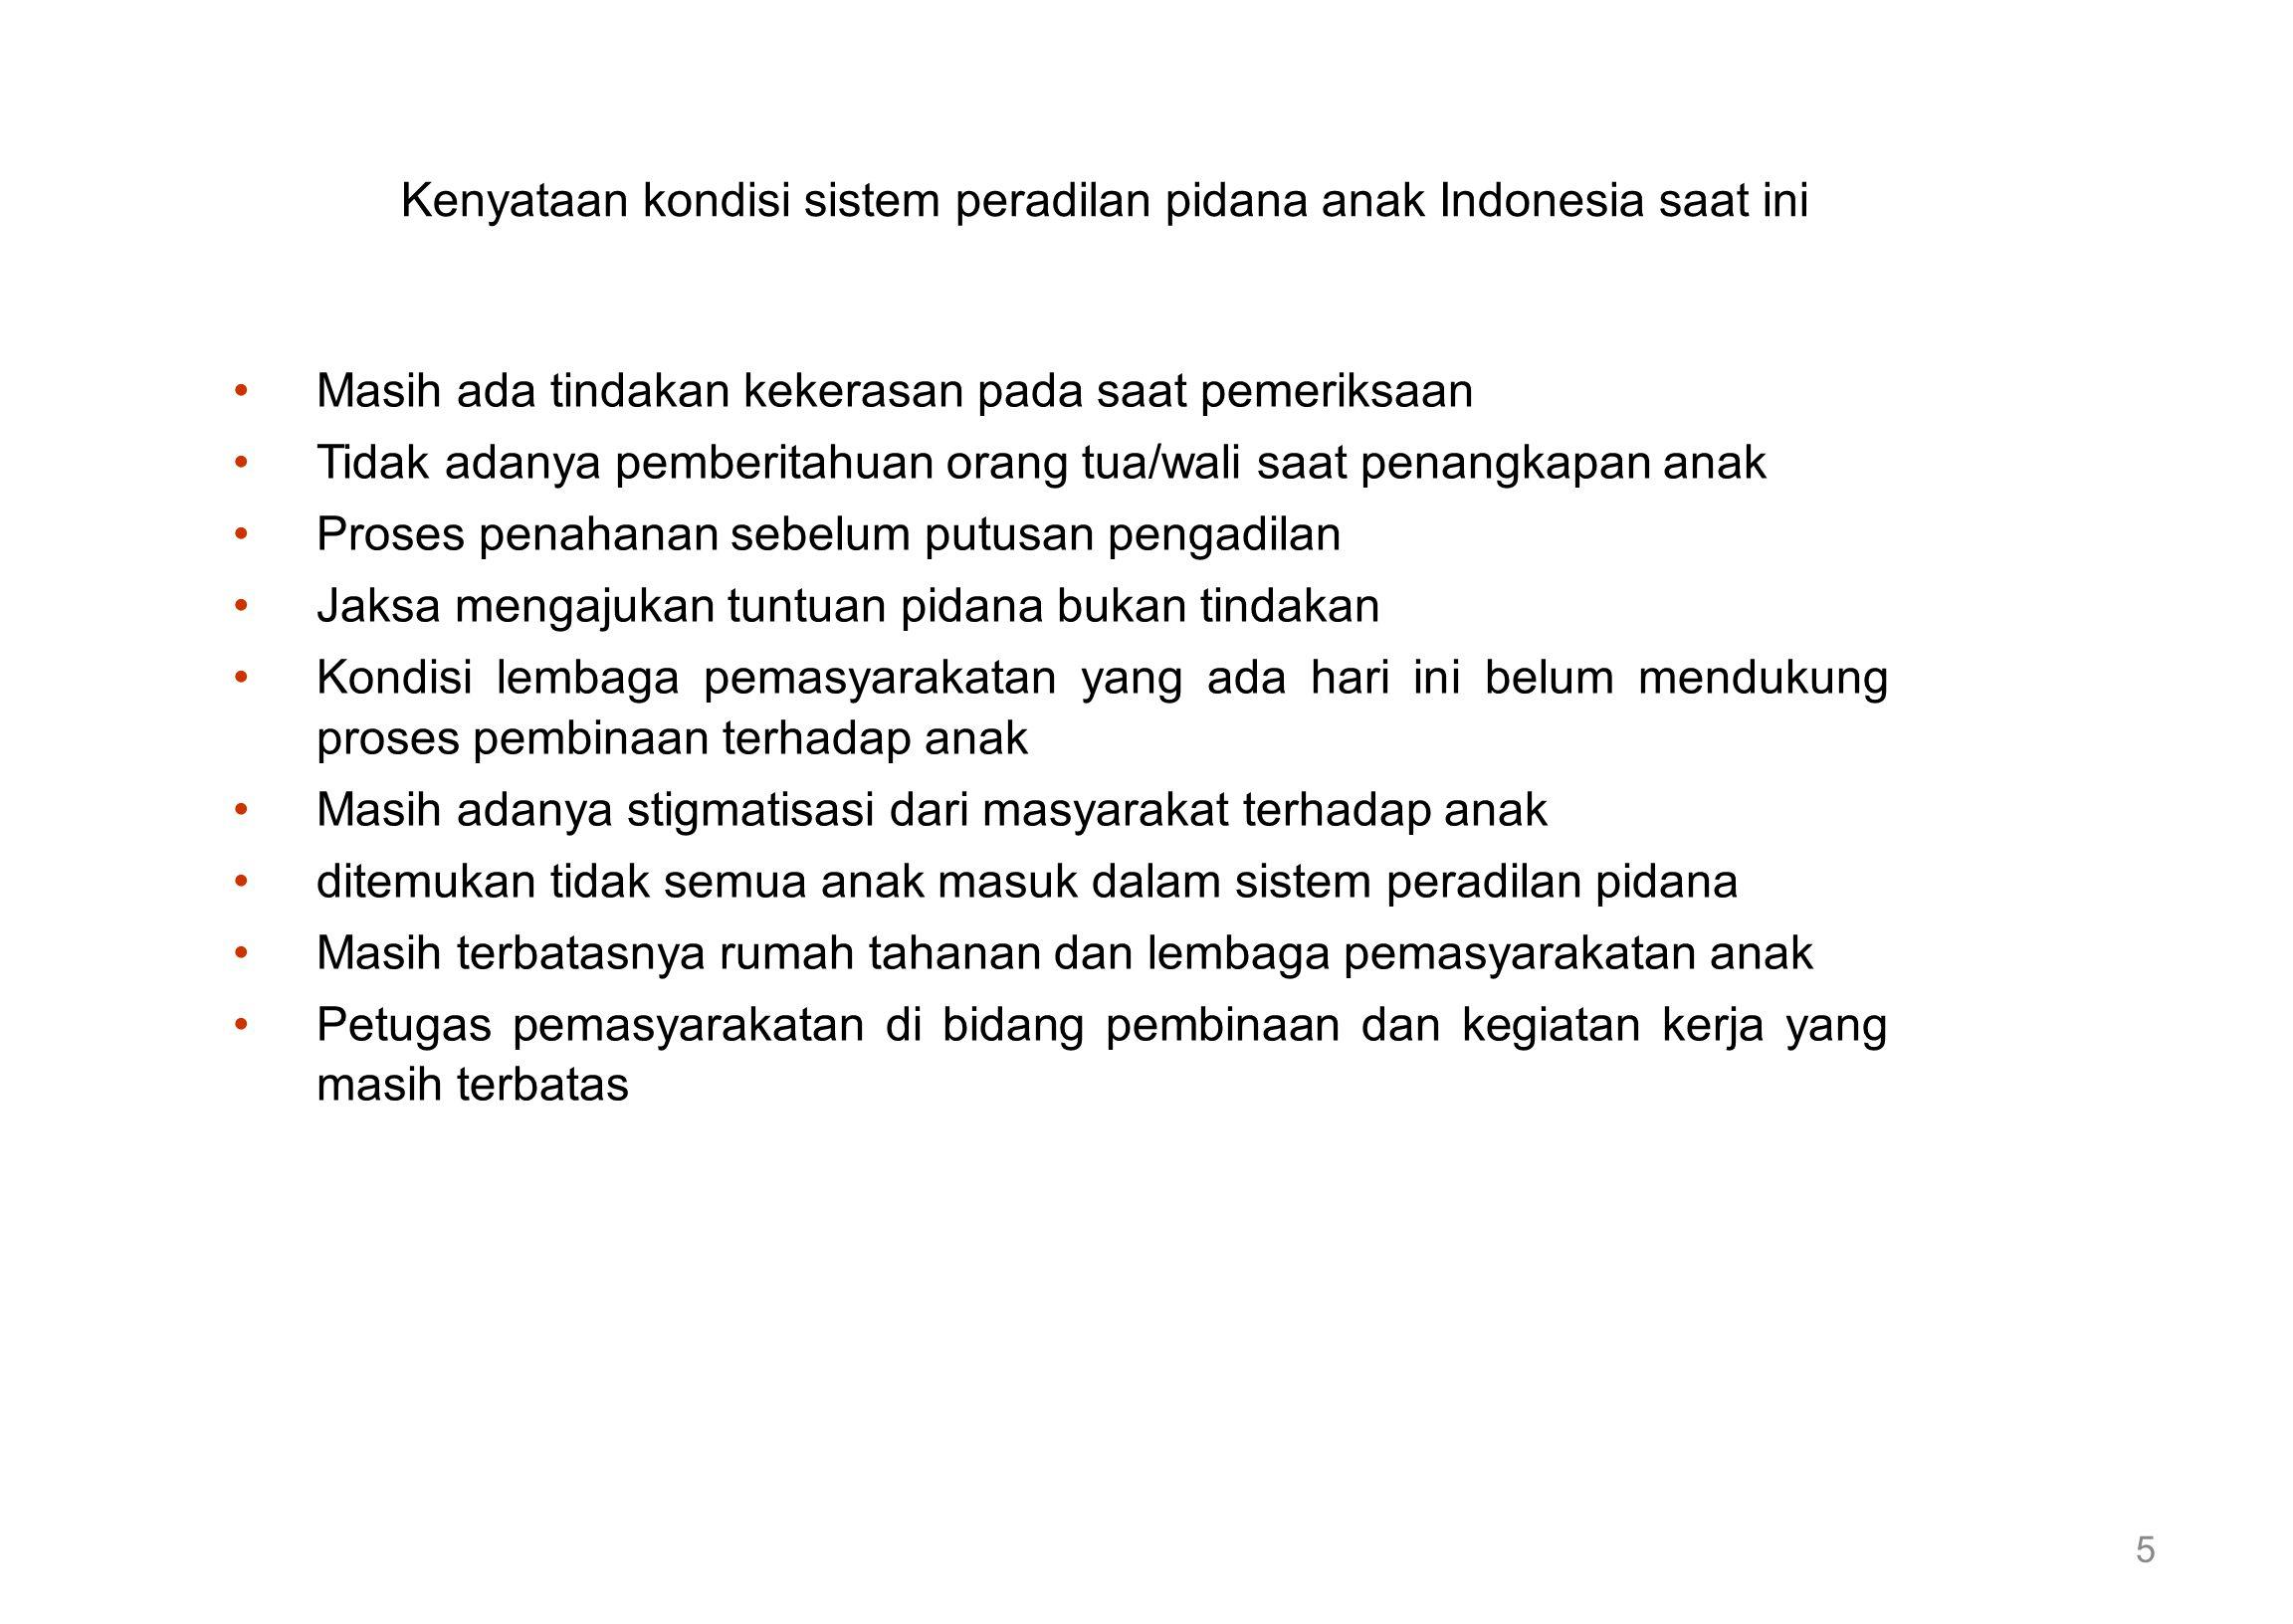 Kenyataan kondisi sistem peradilan pidana anak Indonesia saat ini Masih ada tindakan kekerasan pada saat pemeriksaan Tidak adanya pemberitahuan orang tua/wali saat penangkapan anak Proses penahanan sebelum putusan pengadilan Jaksa mengajukan tuntuan pidana bukan tindakan Kondisi lembaga pemasyarakatan yang ada hari ini belum mendukung proses pembinaan terhadap anak Masih adanya stigmatisasi dari masyarakat terhadap anak ditemukan tidak semua anak masuk dalam sistem peradilan pidana Masih terbatasnya rumah tahanan dan lembaga pemasyarakatan anak Petugas pemasyarakatan di bidang pembinaan dan kegiatan kerja yang masih terbatas 5